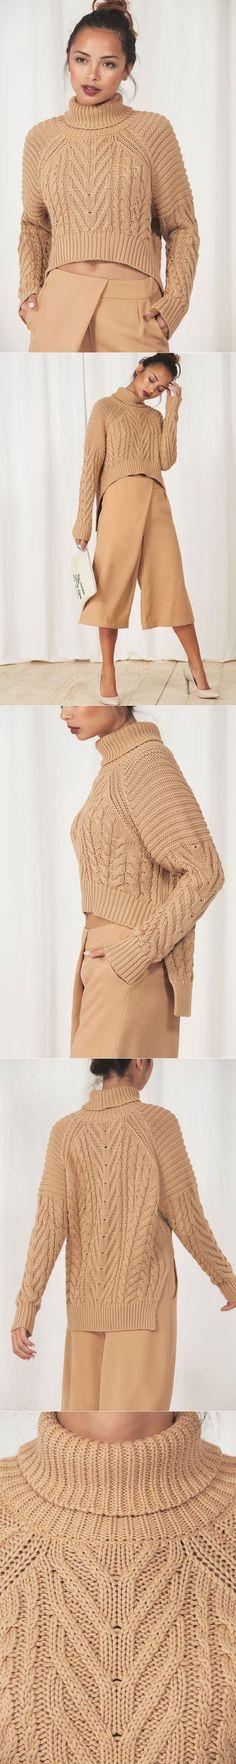 Песочный пуловер с косами. Идея для вязания | Шкатулочка для рукодельниц | вязание | Постила